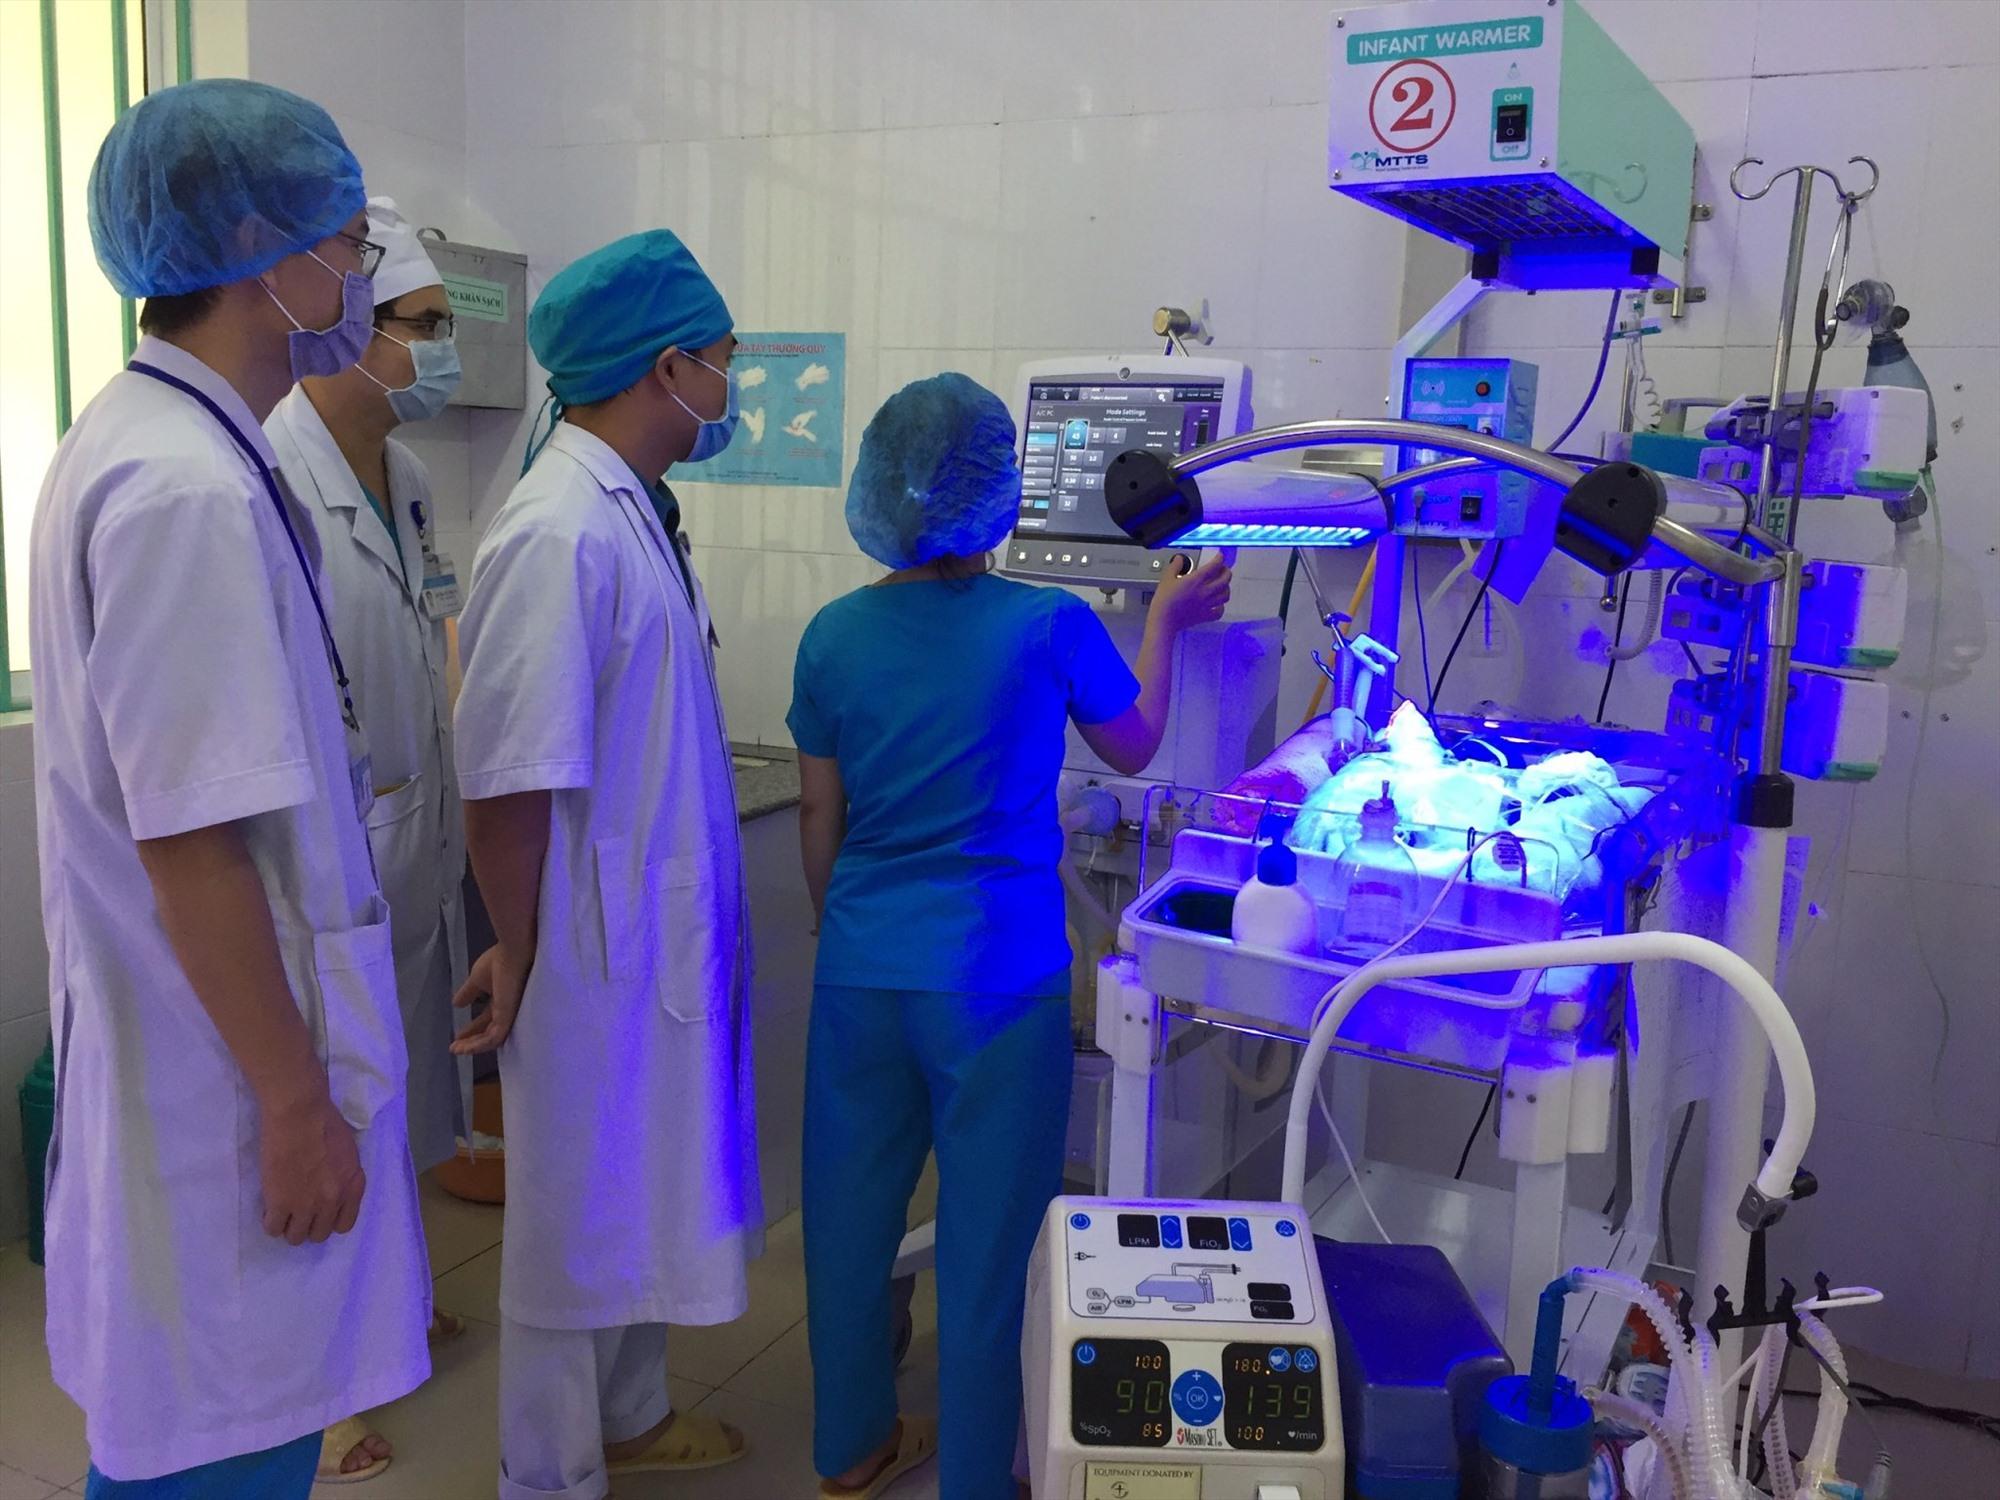 Bệnh viện Phụ sản Nhi đang tích cực cải thiện chất lượng khám chữa bệnh.